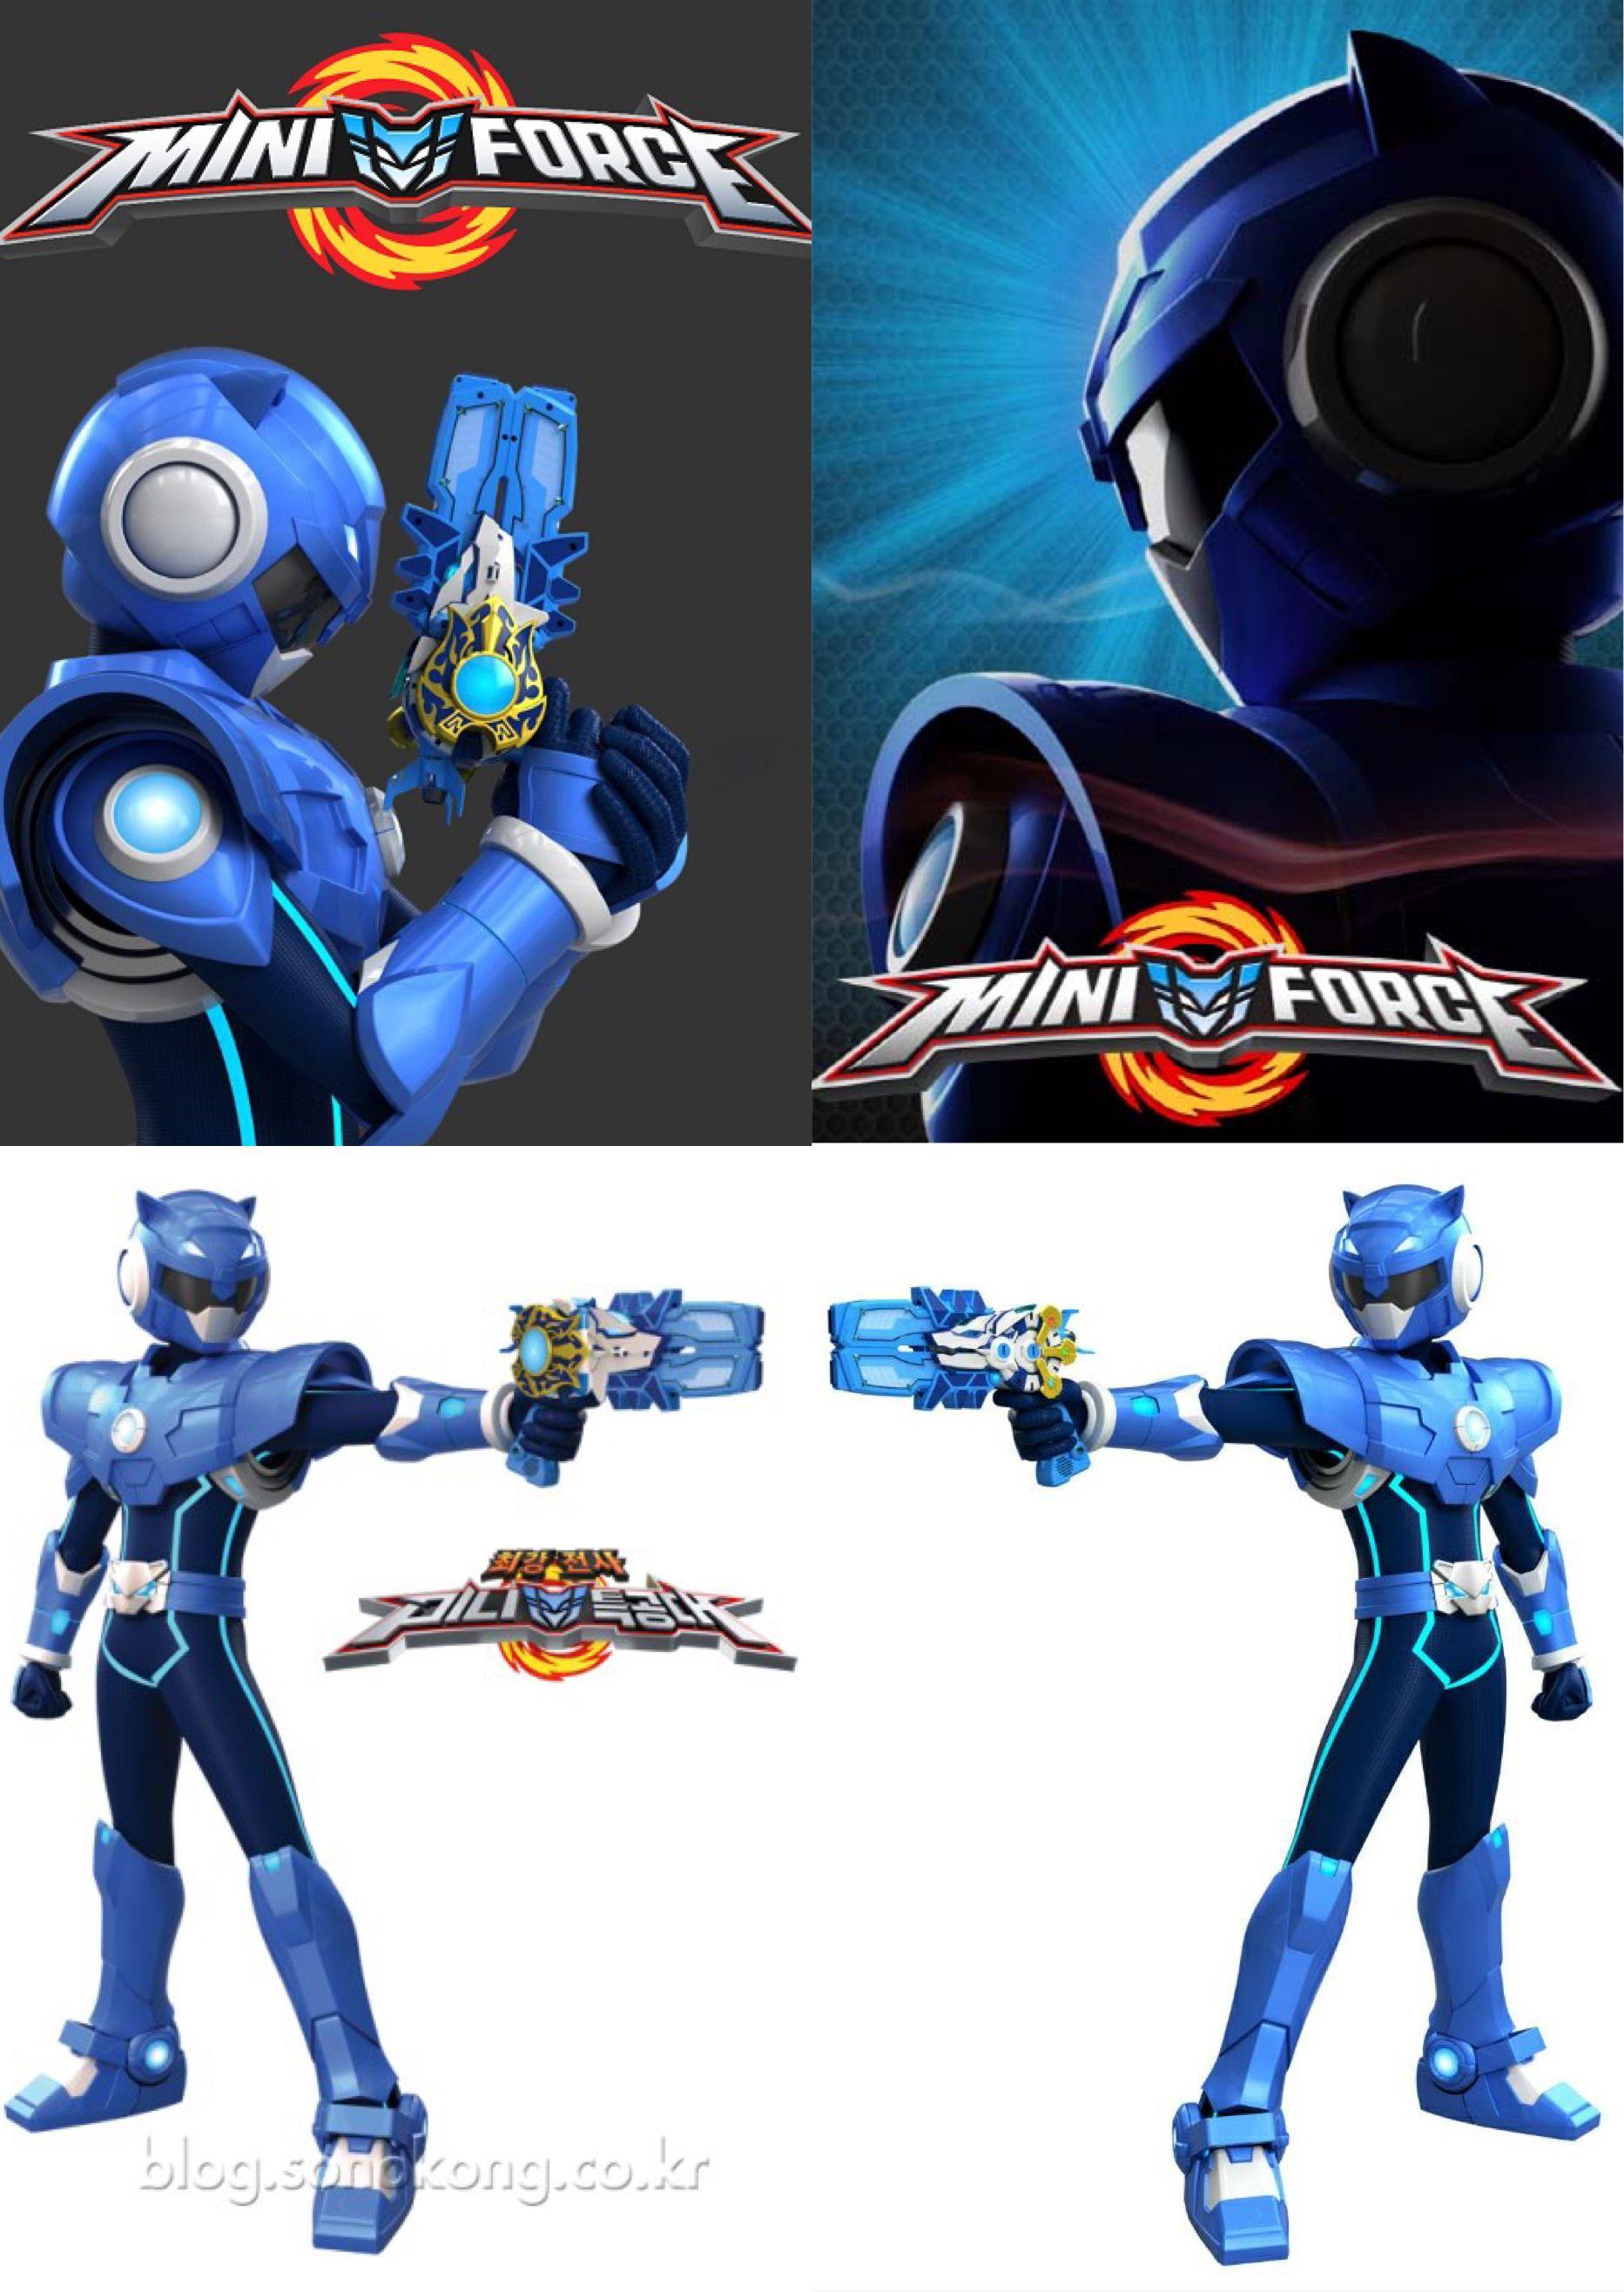 Blue Miniforce Rangers Miniforce Rangers Power Rangers